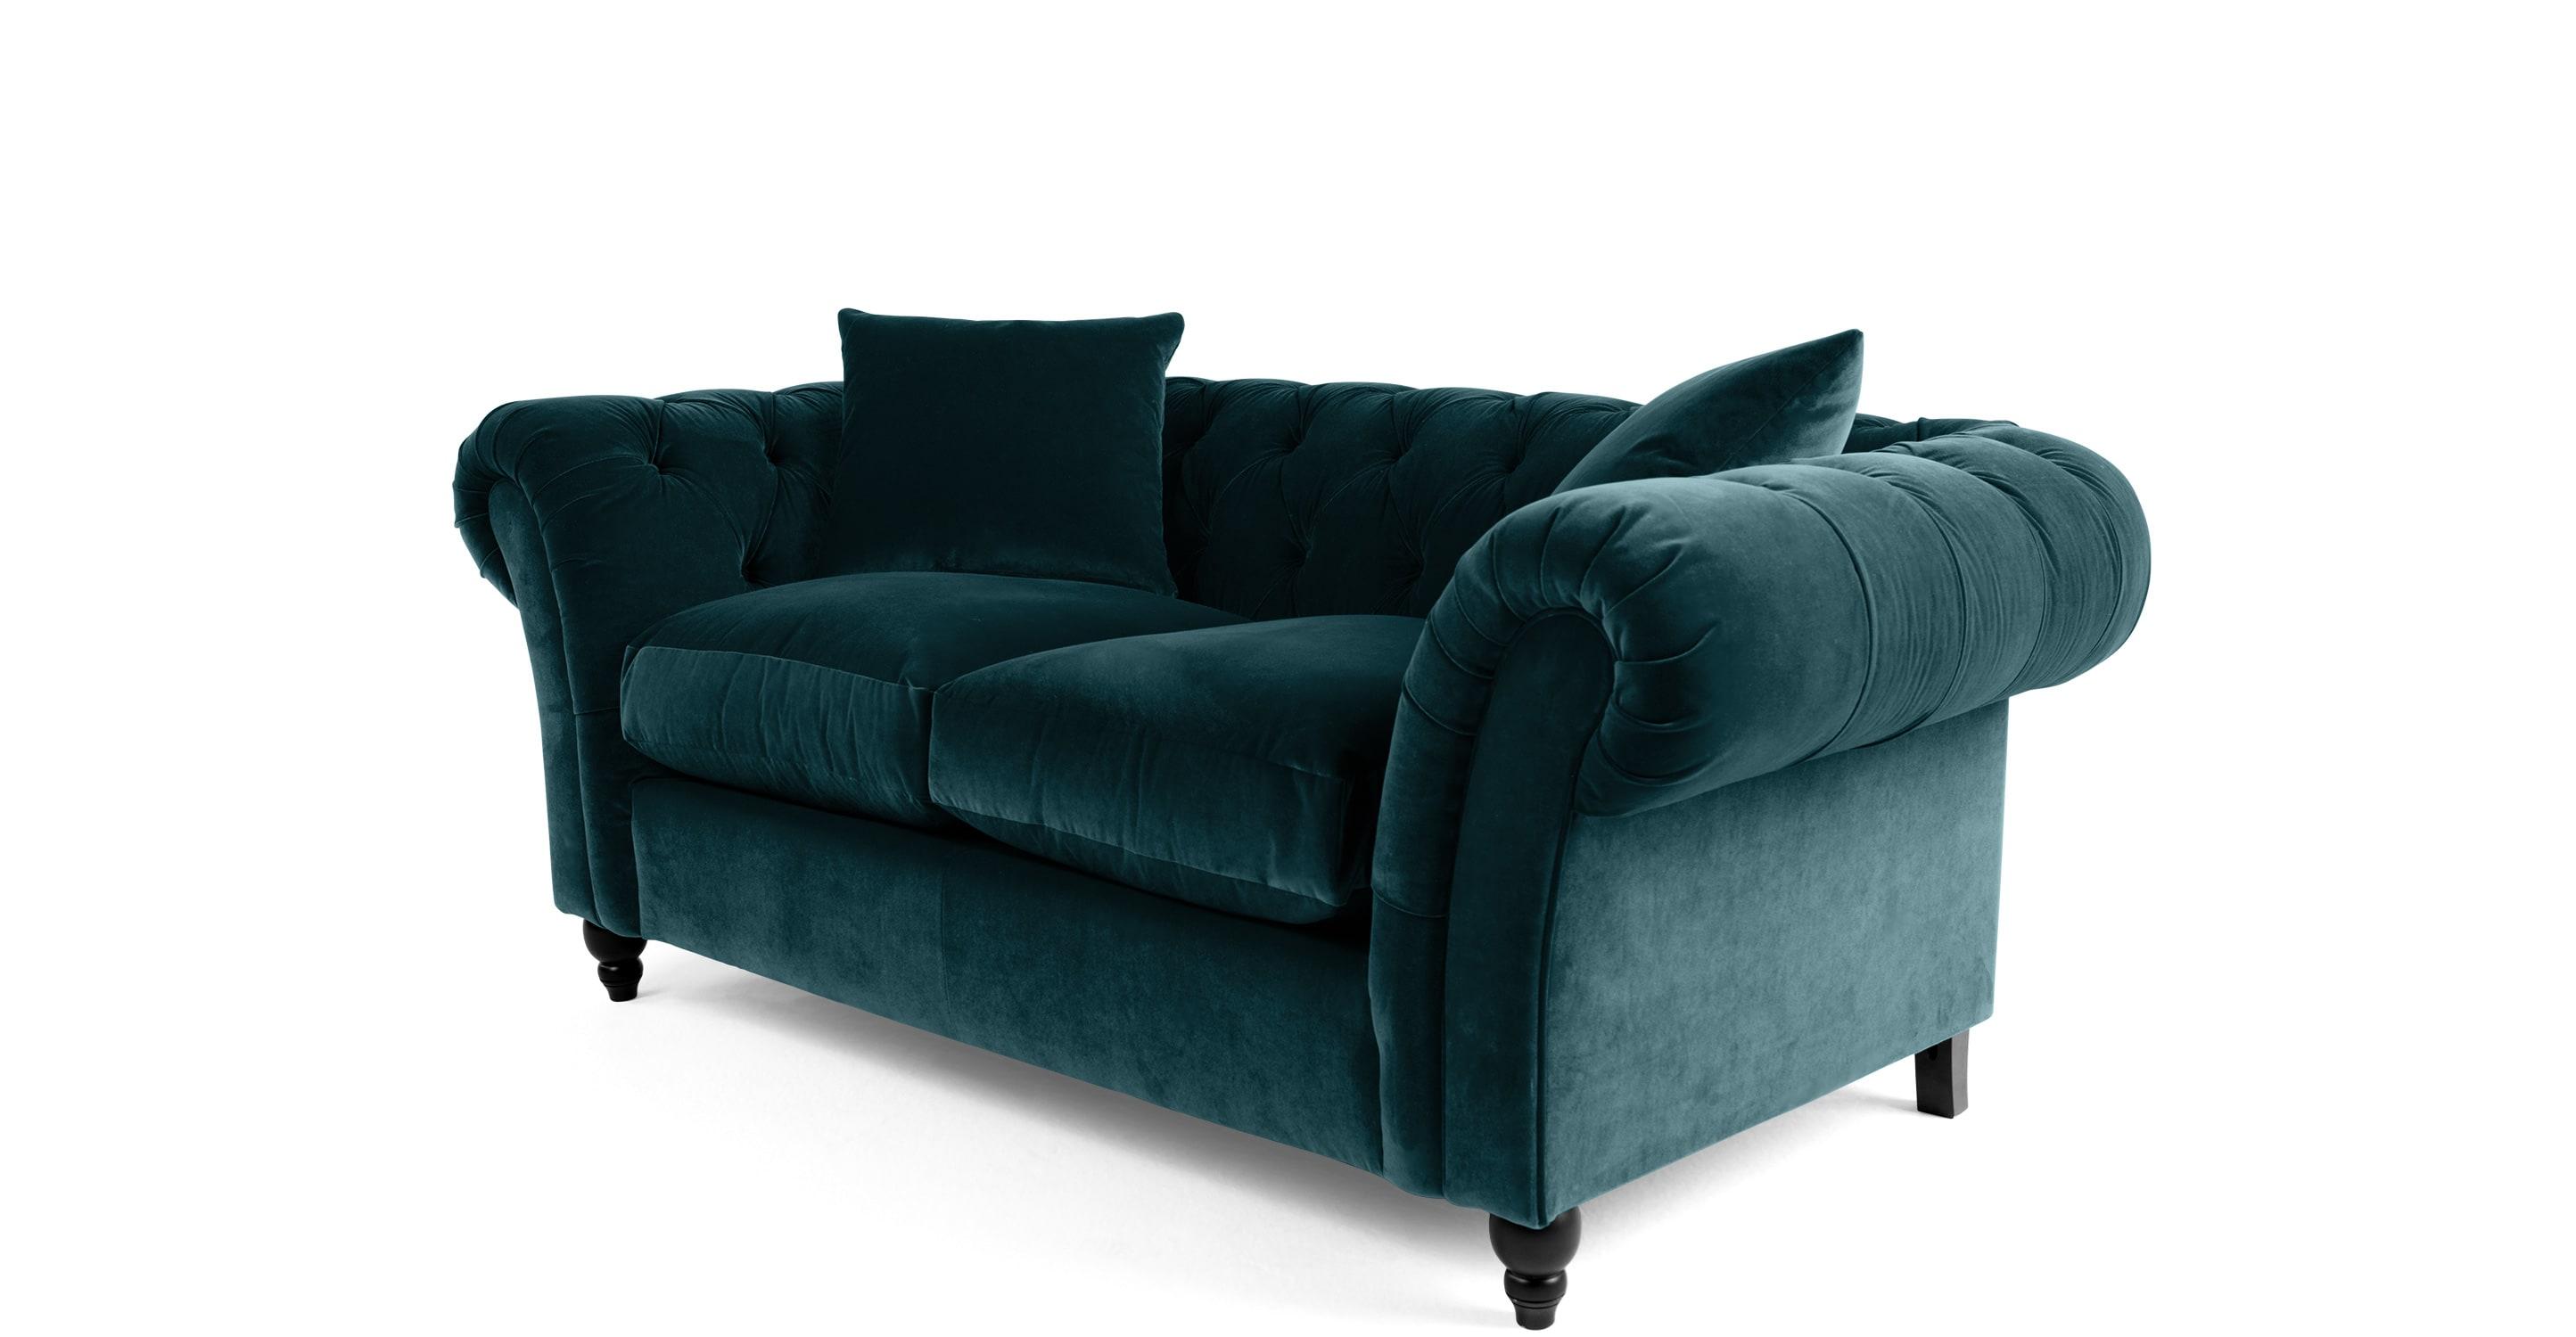 blue velvet chesterfield sofa old fashioned name for bardot 2 seater ocean